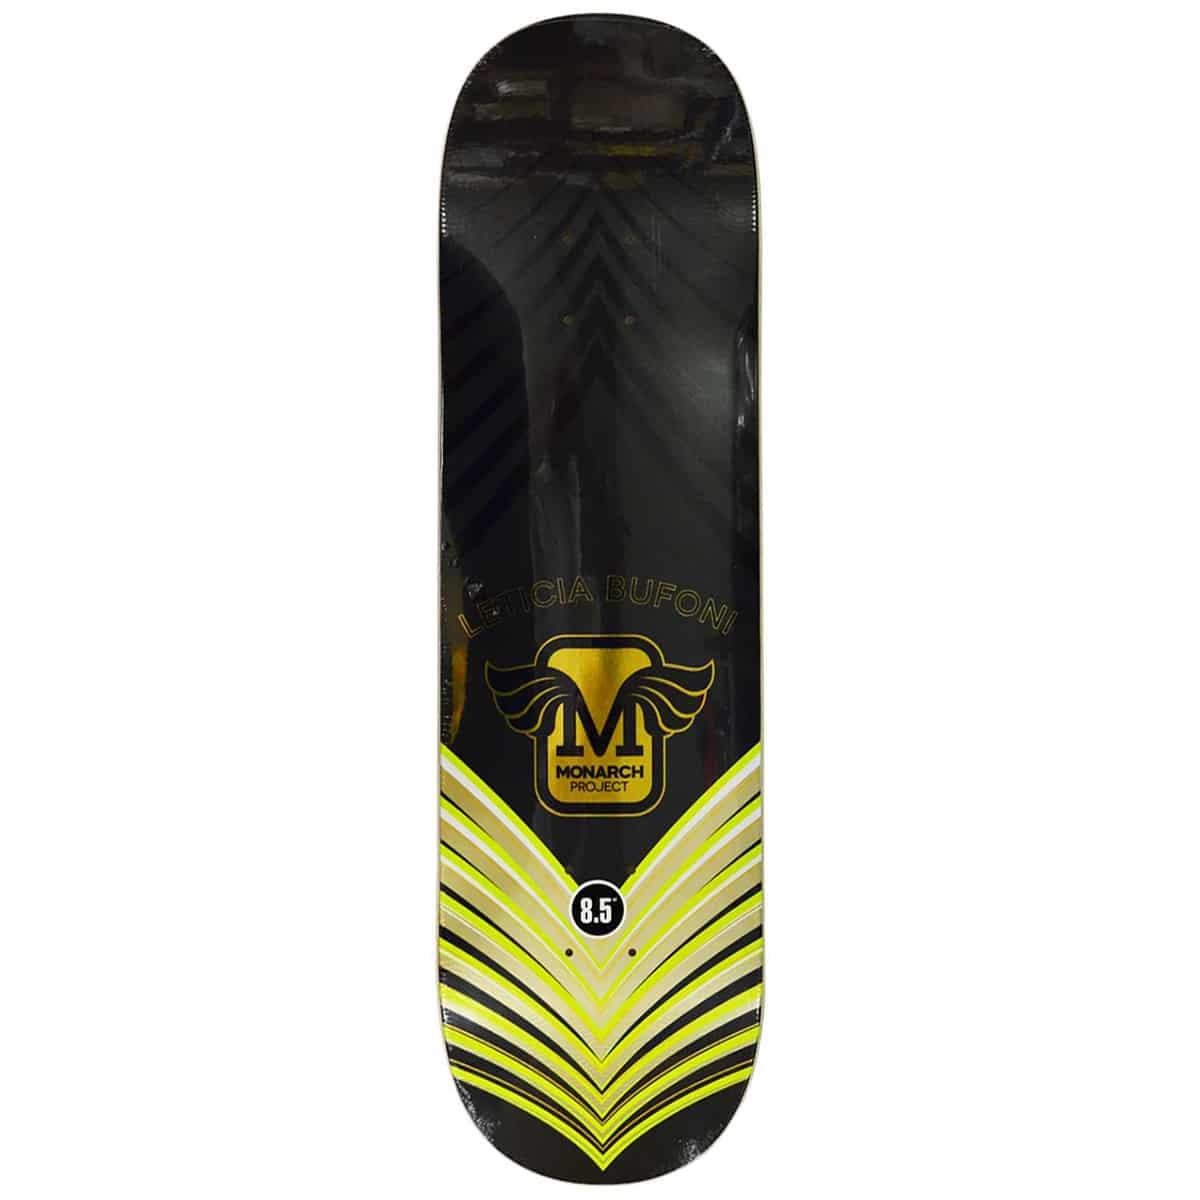 Planche de skate Monarch Bufoni Horus R7 en taille deck 8.5″